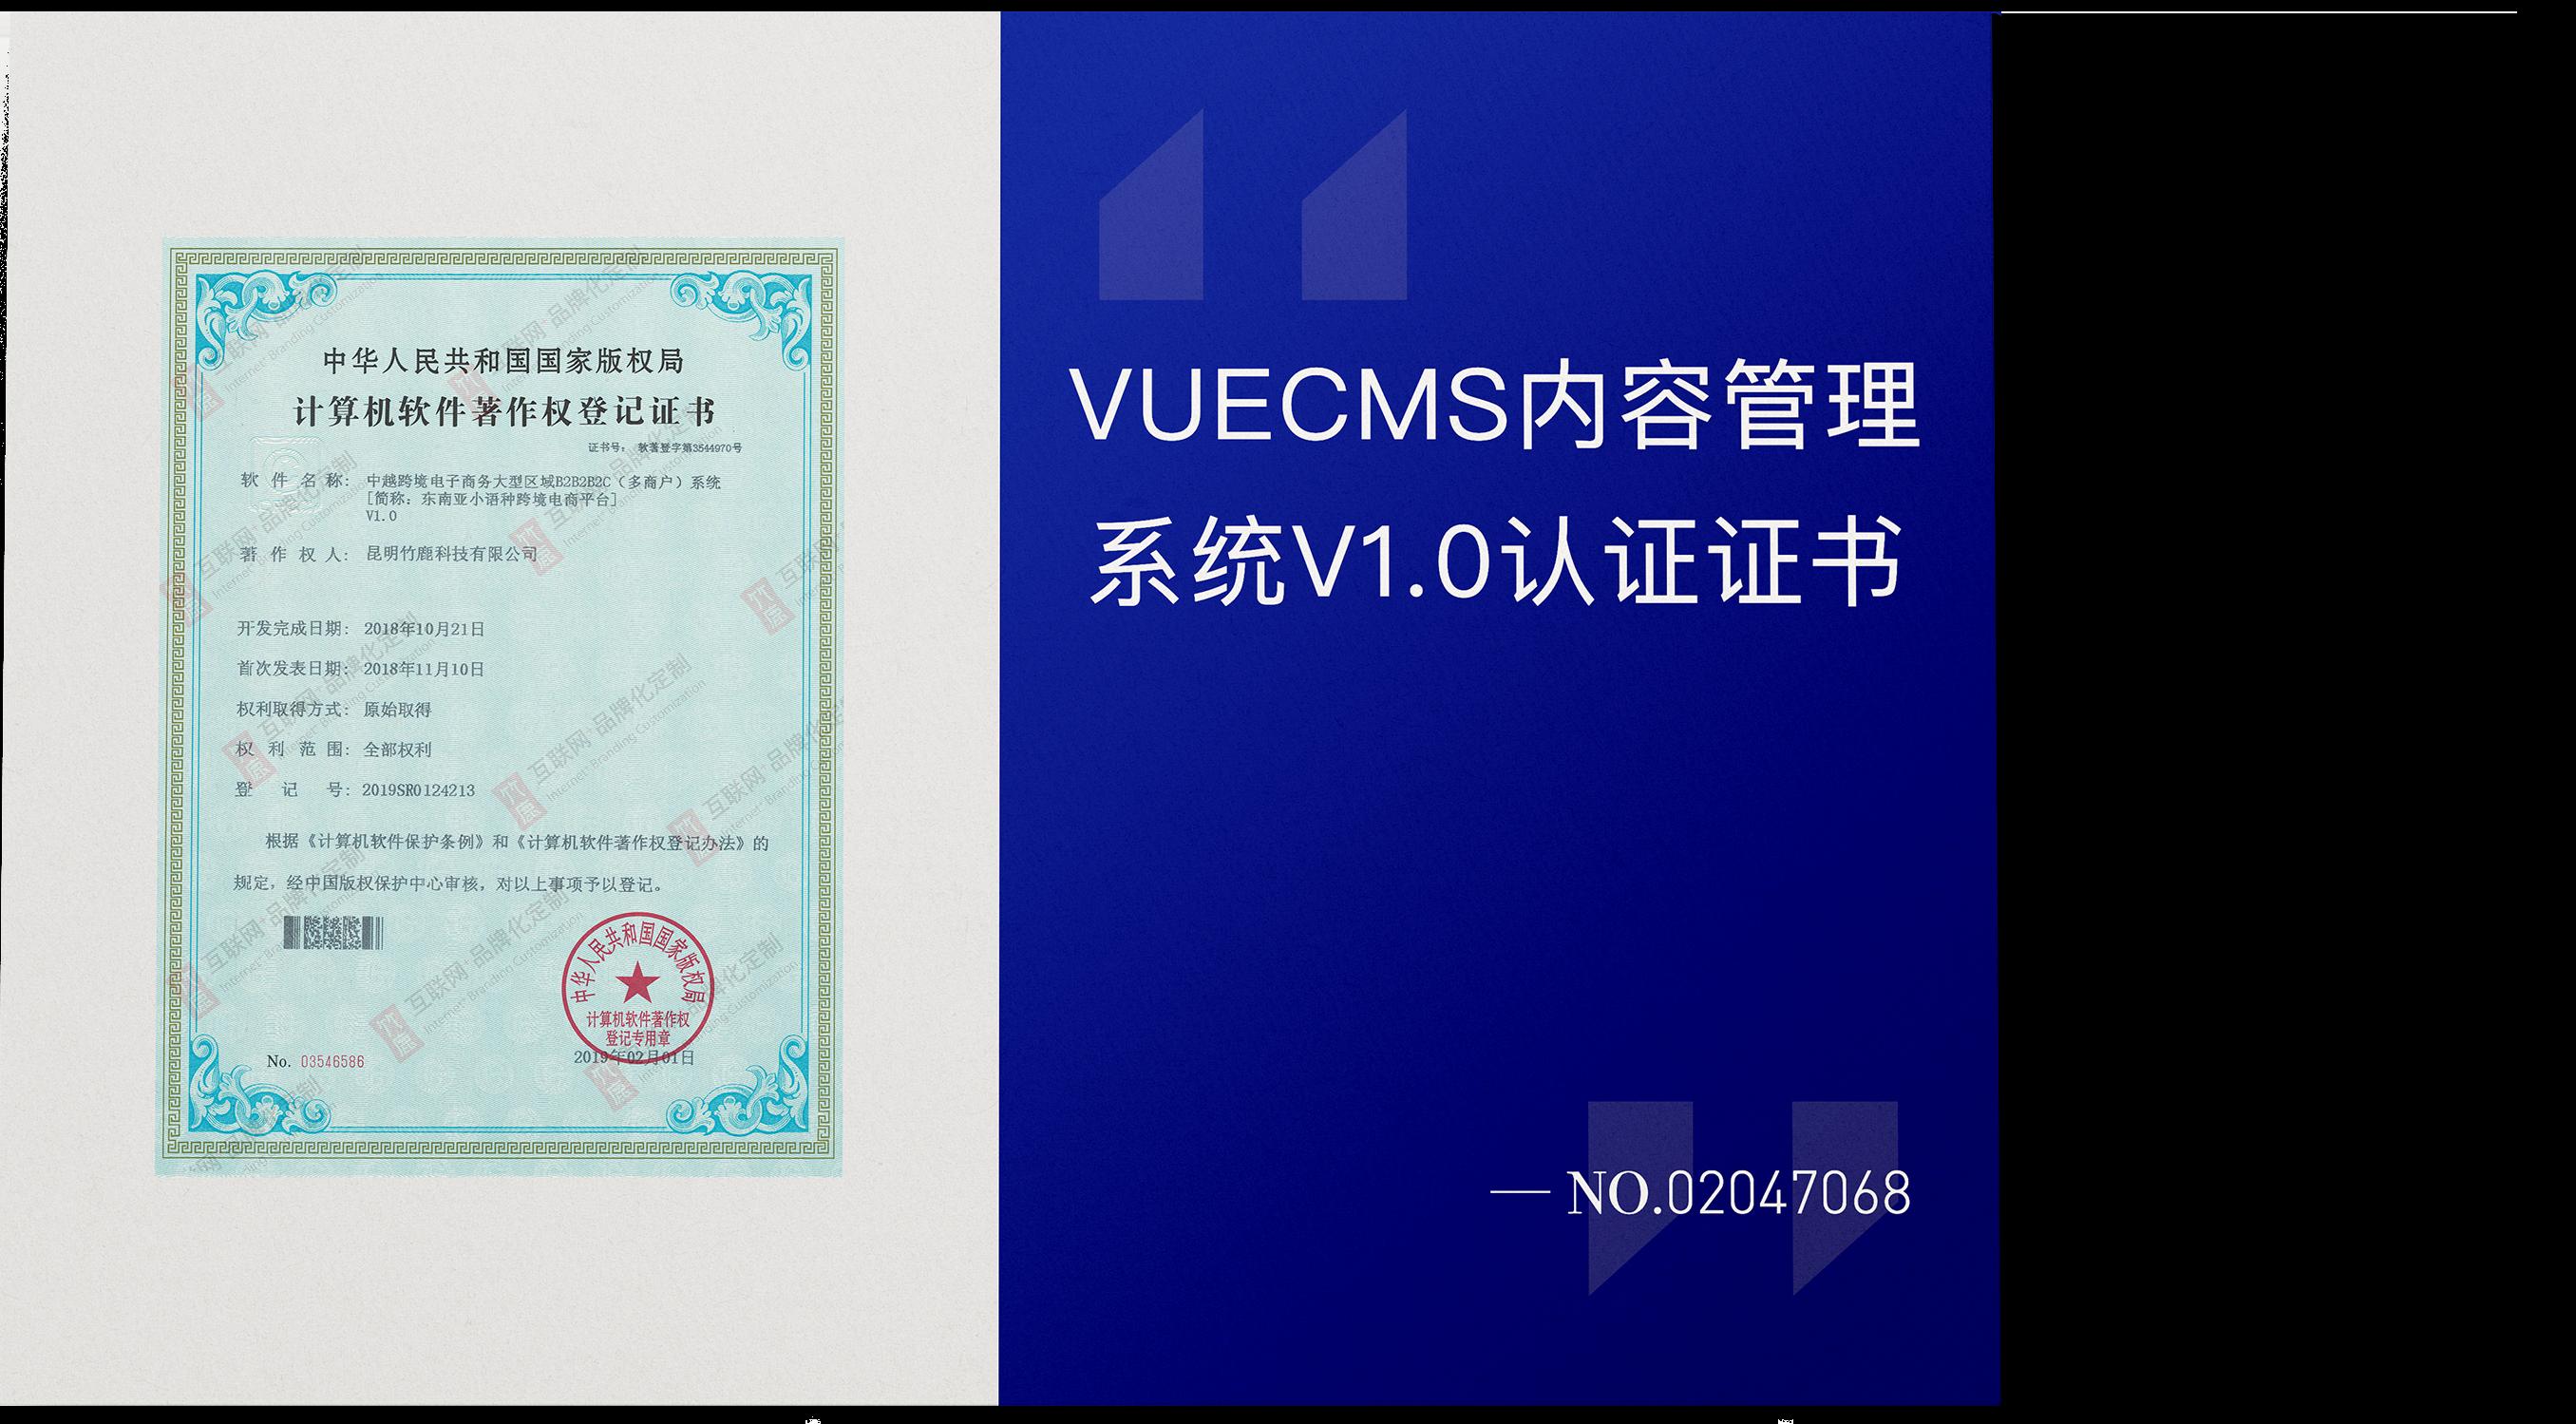 东南亚小语种跨境电商平台V1.0认证证书